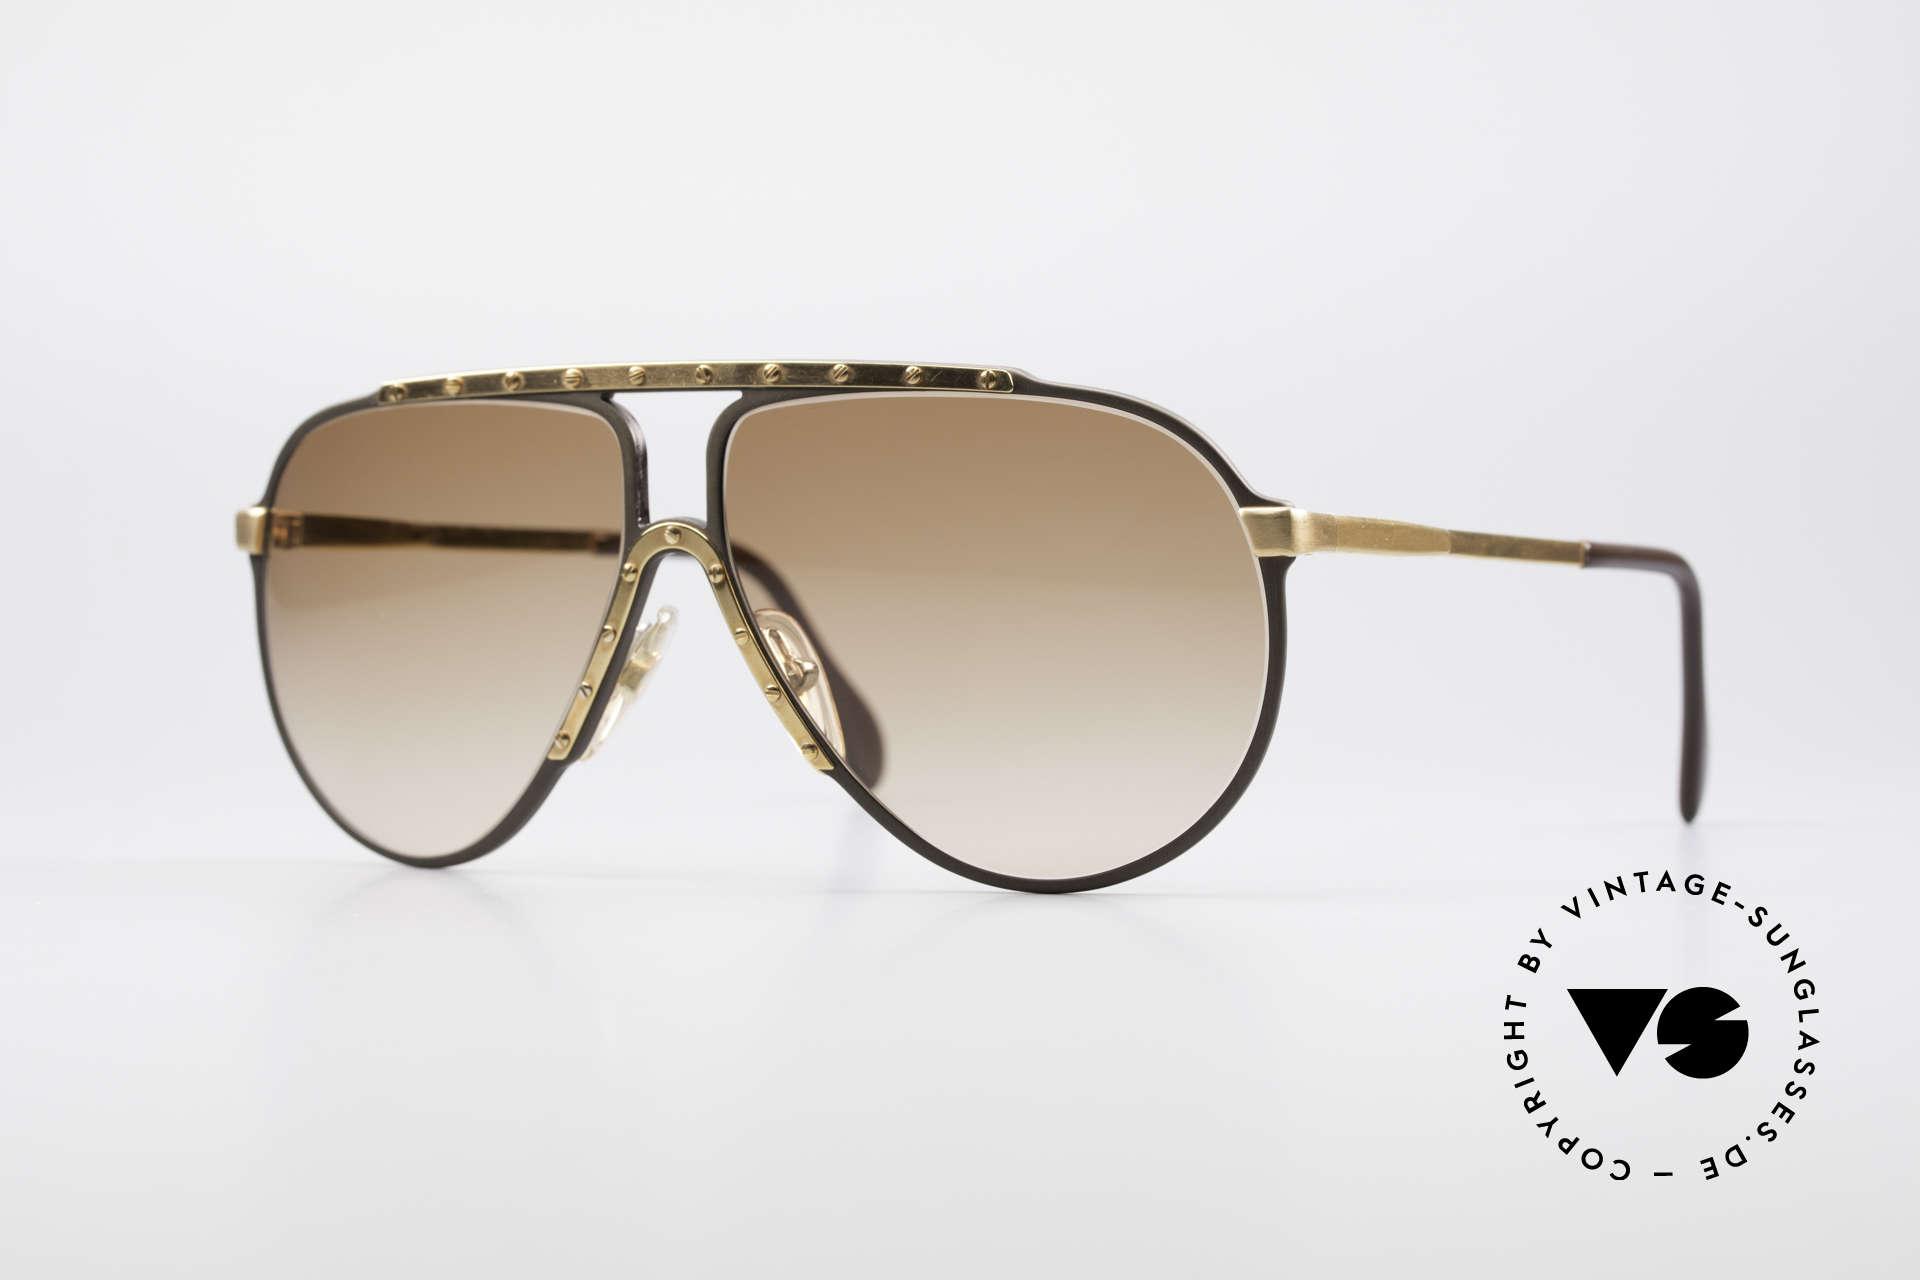 Alpina M1 West Germany Sonnenbrille, legendäre Alpina M1 Sonnenbrille, Größe 60°12, Passend für Herren und Damen